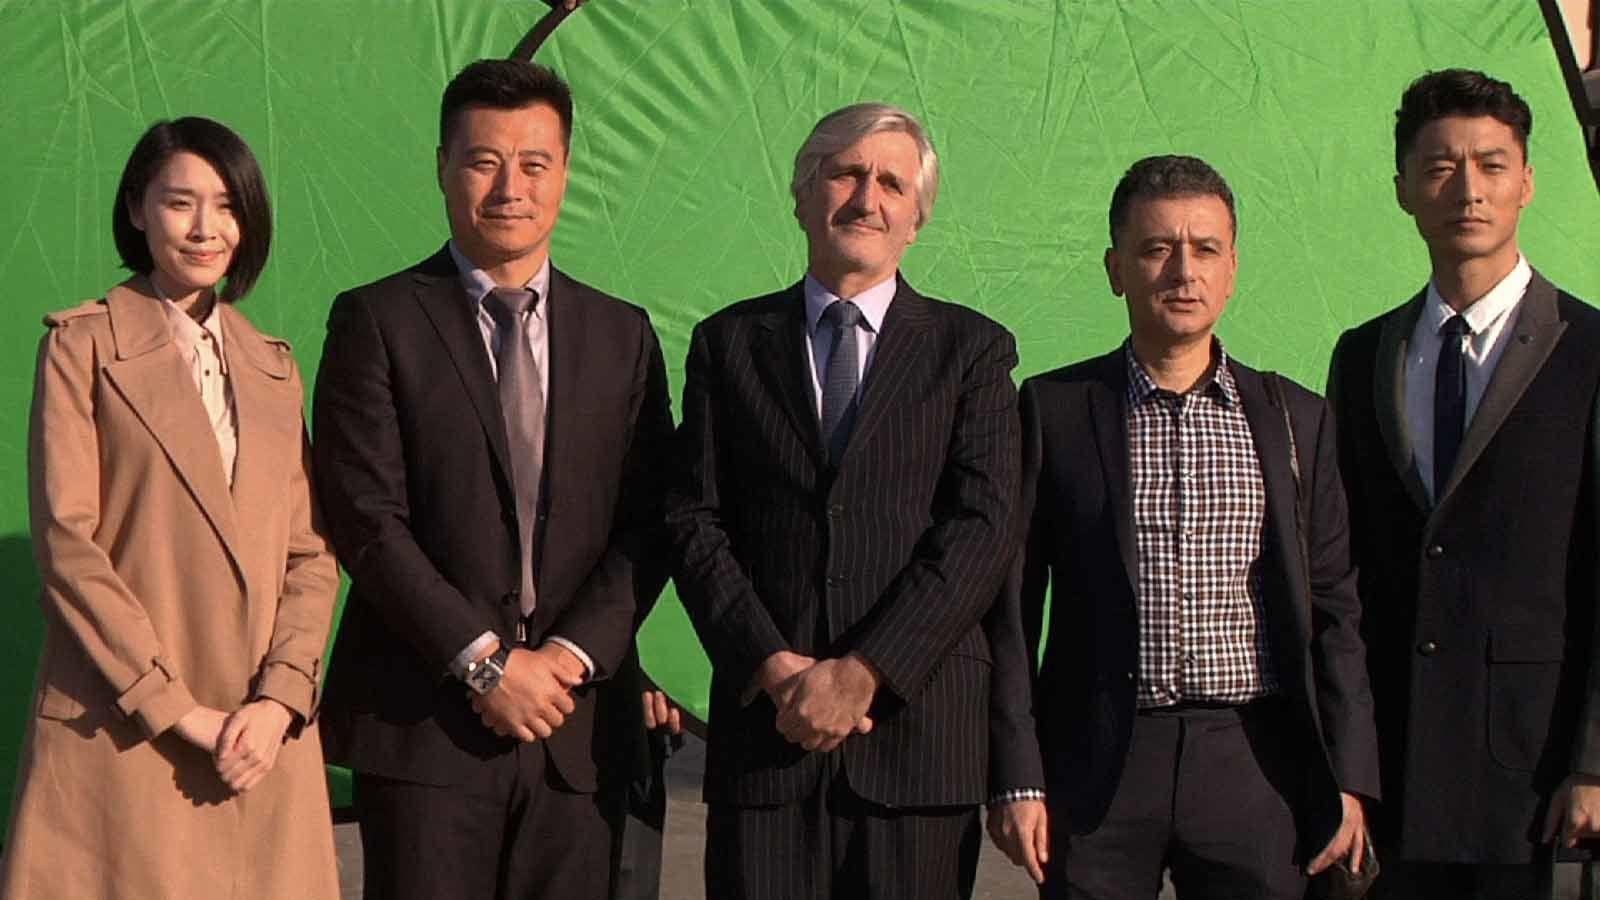 Les chinois et moi (BANDE-ANNONCE) Documentaire de Renaud Cohen - Le 15 mai 2019 au cinéma